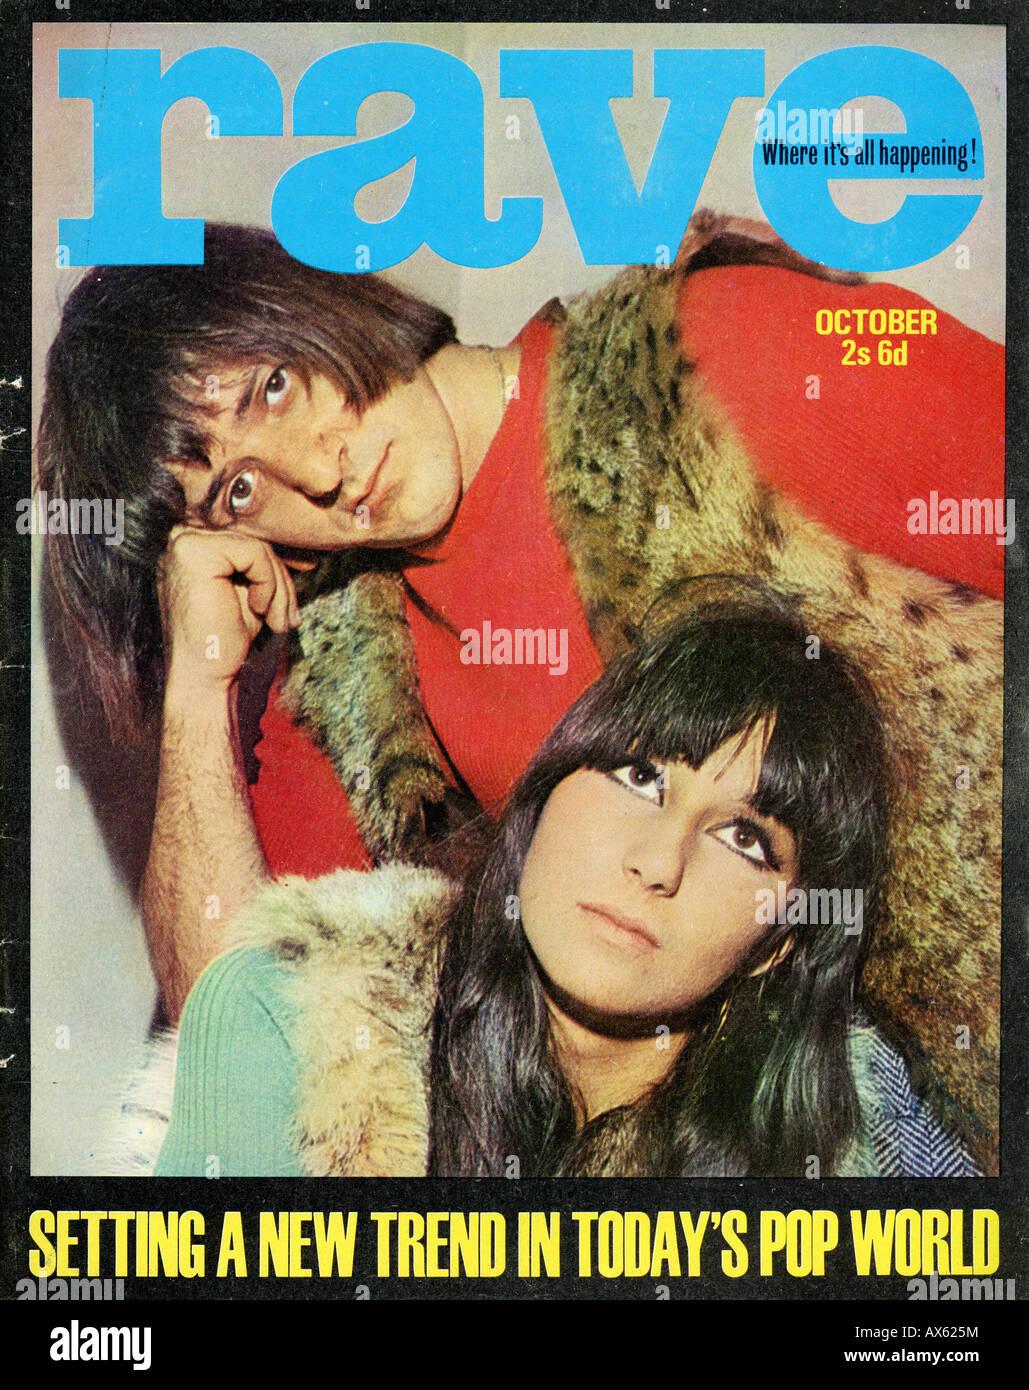 1960 Rave Magazine de octubre de 1965 SÓLO PARA USO EDITORIAL Imagen De Stock